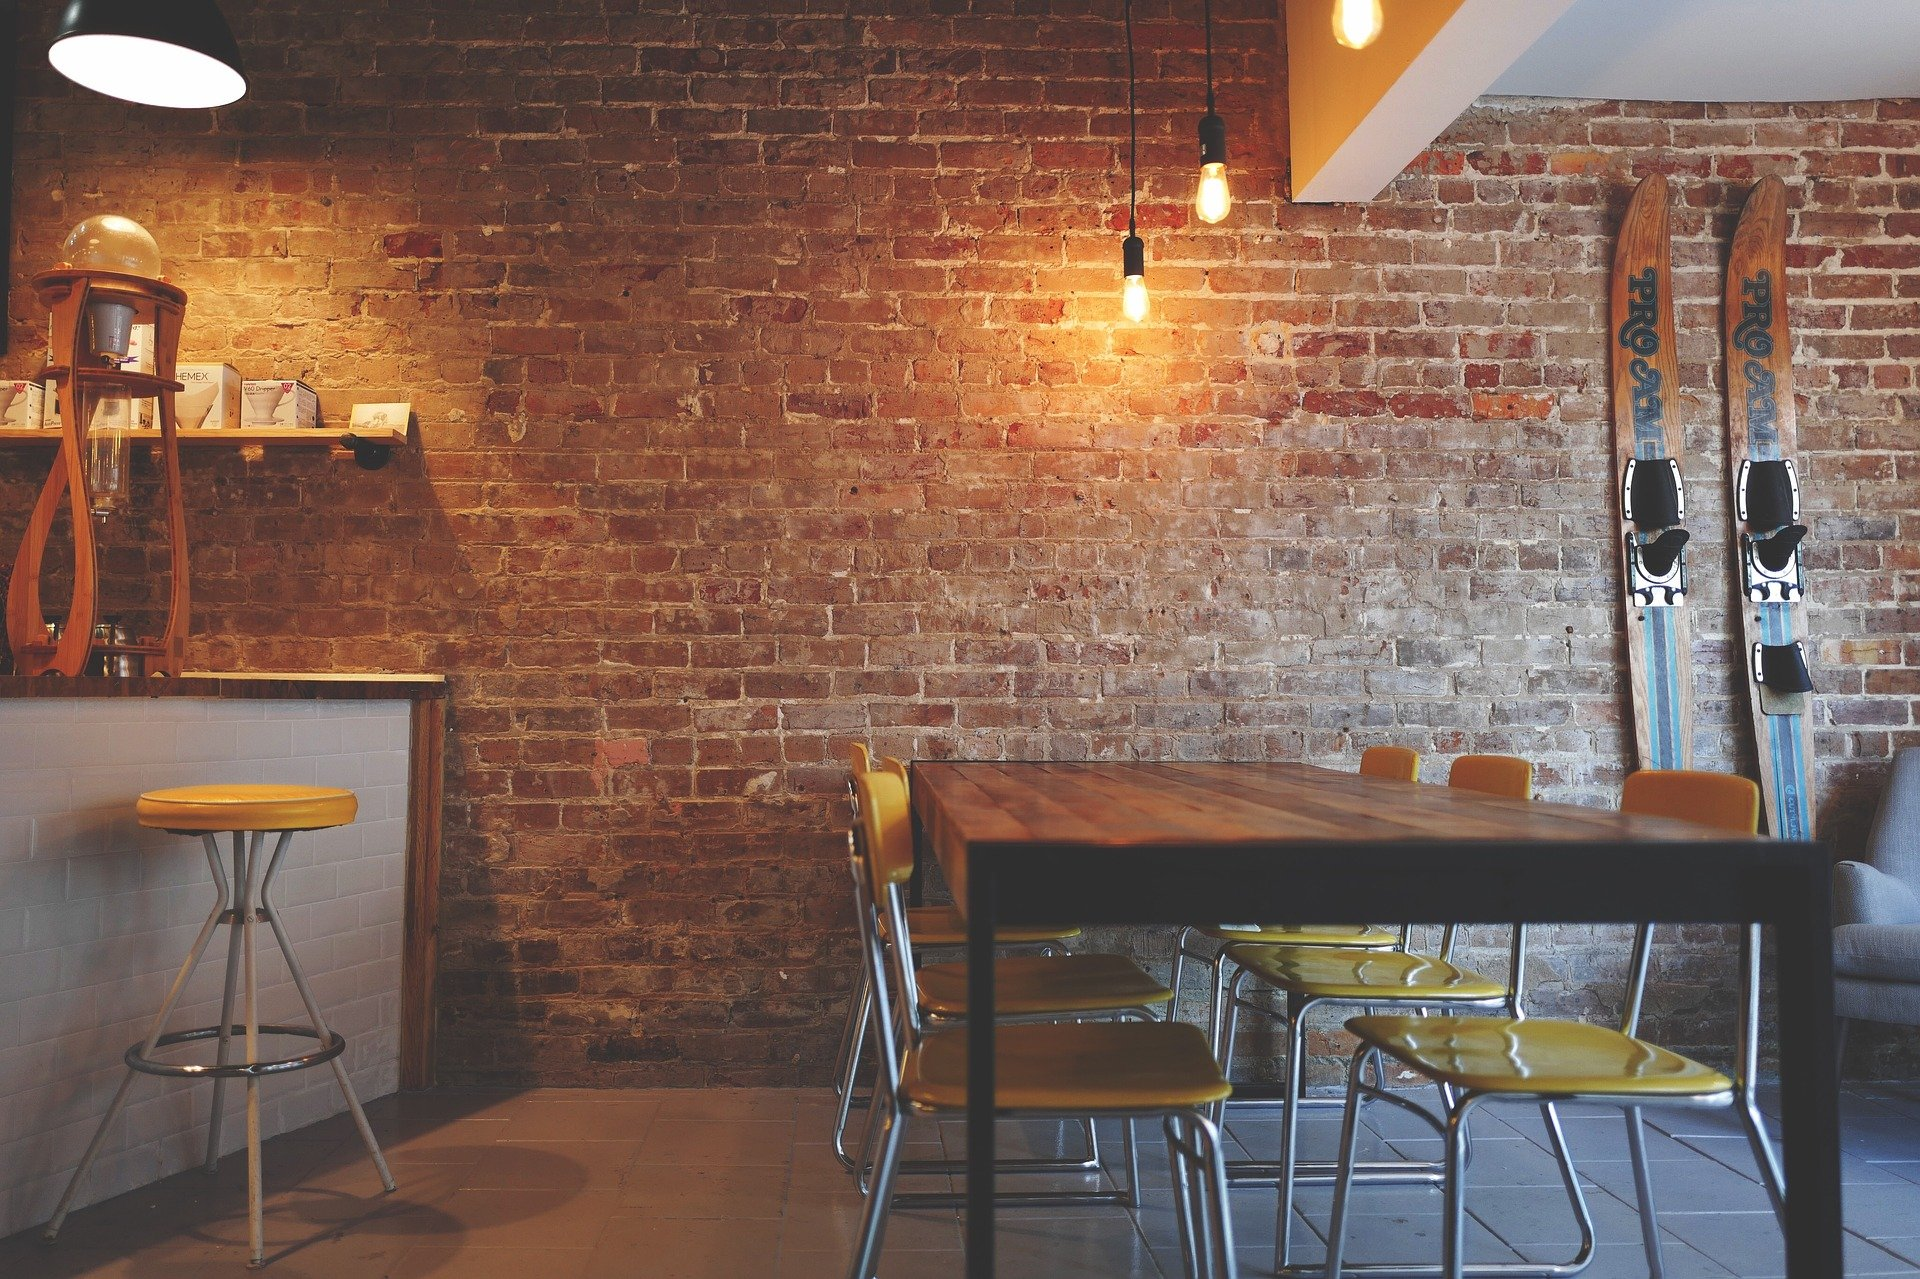 Цифровая платформа для ресторанного бизнеса Olo: стоит ли покупать?